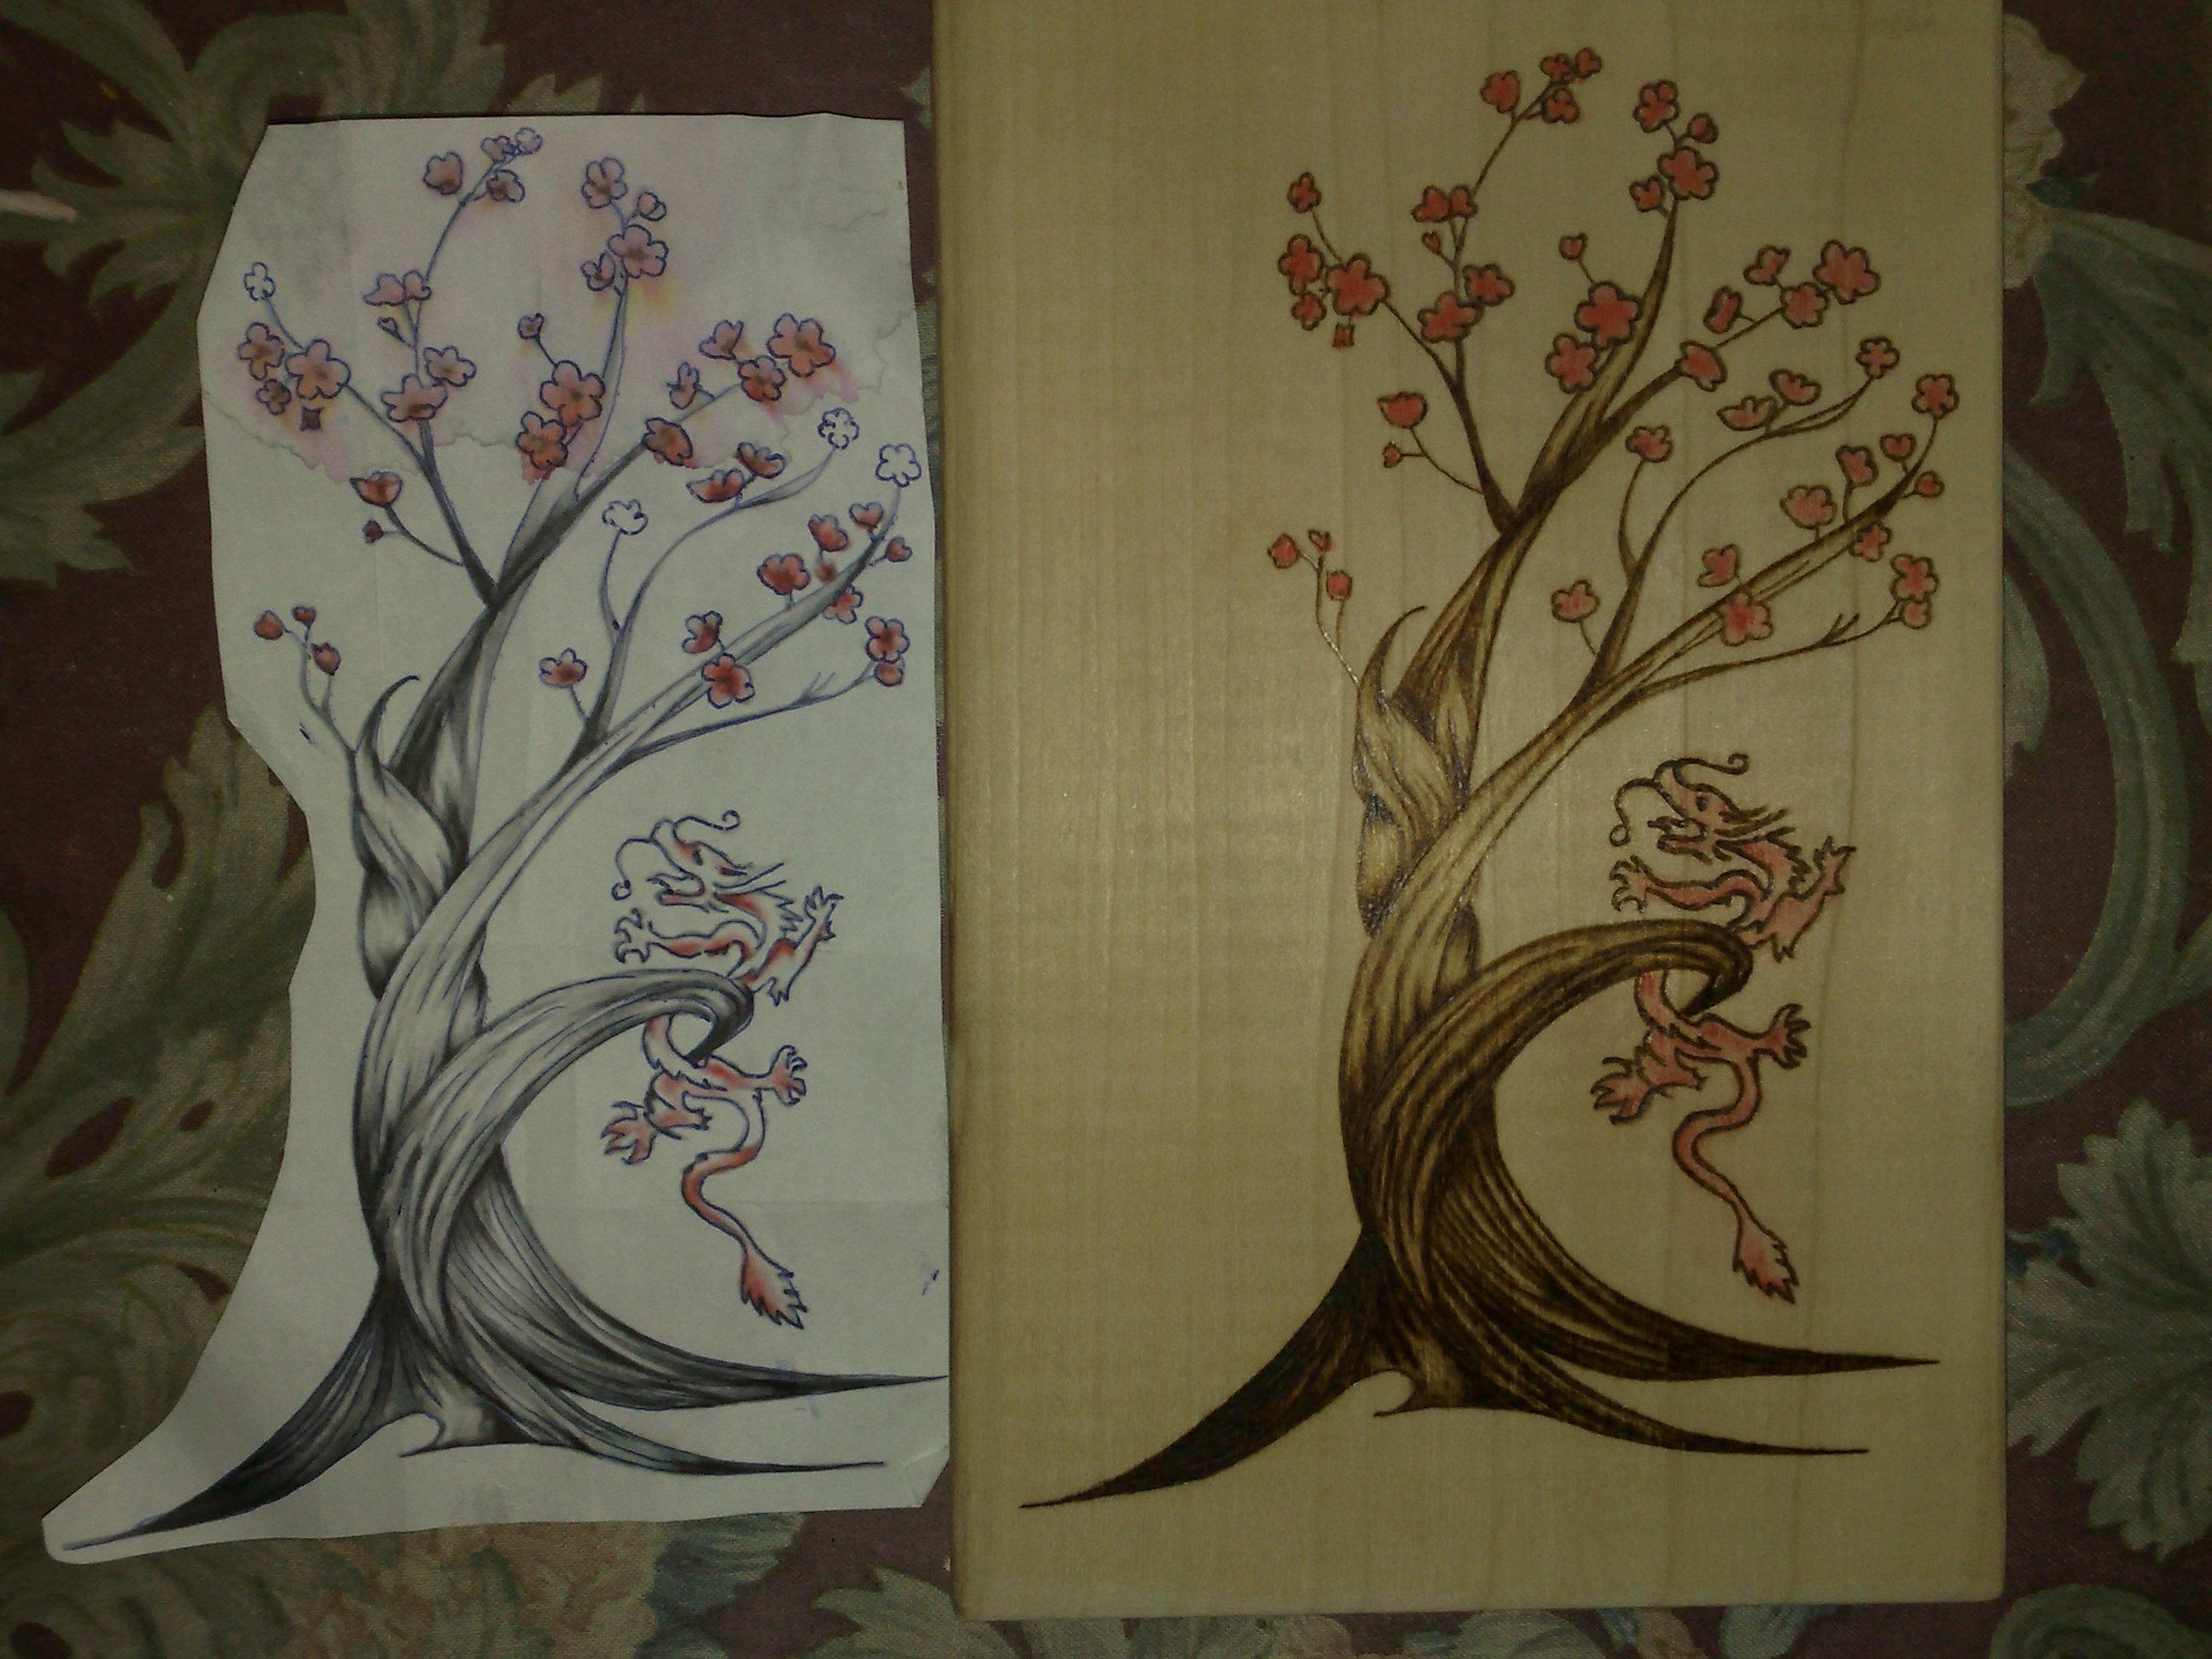 Neue Holz Brennarbeiten SR Decoration